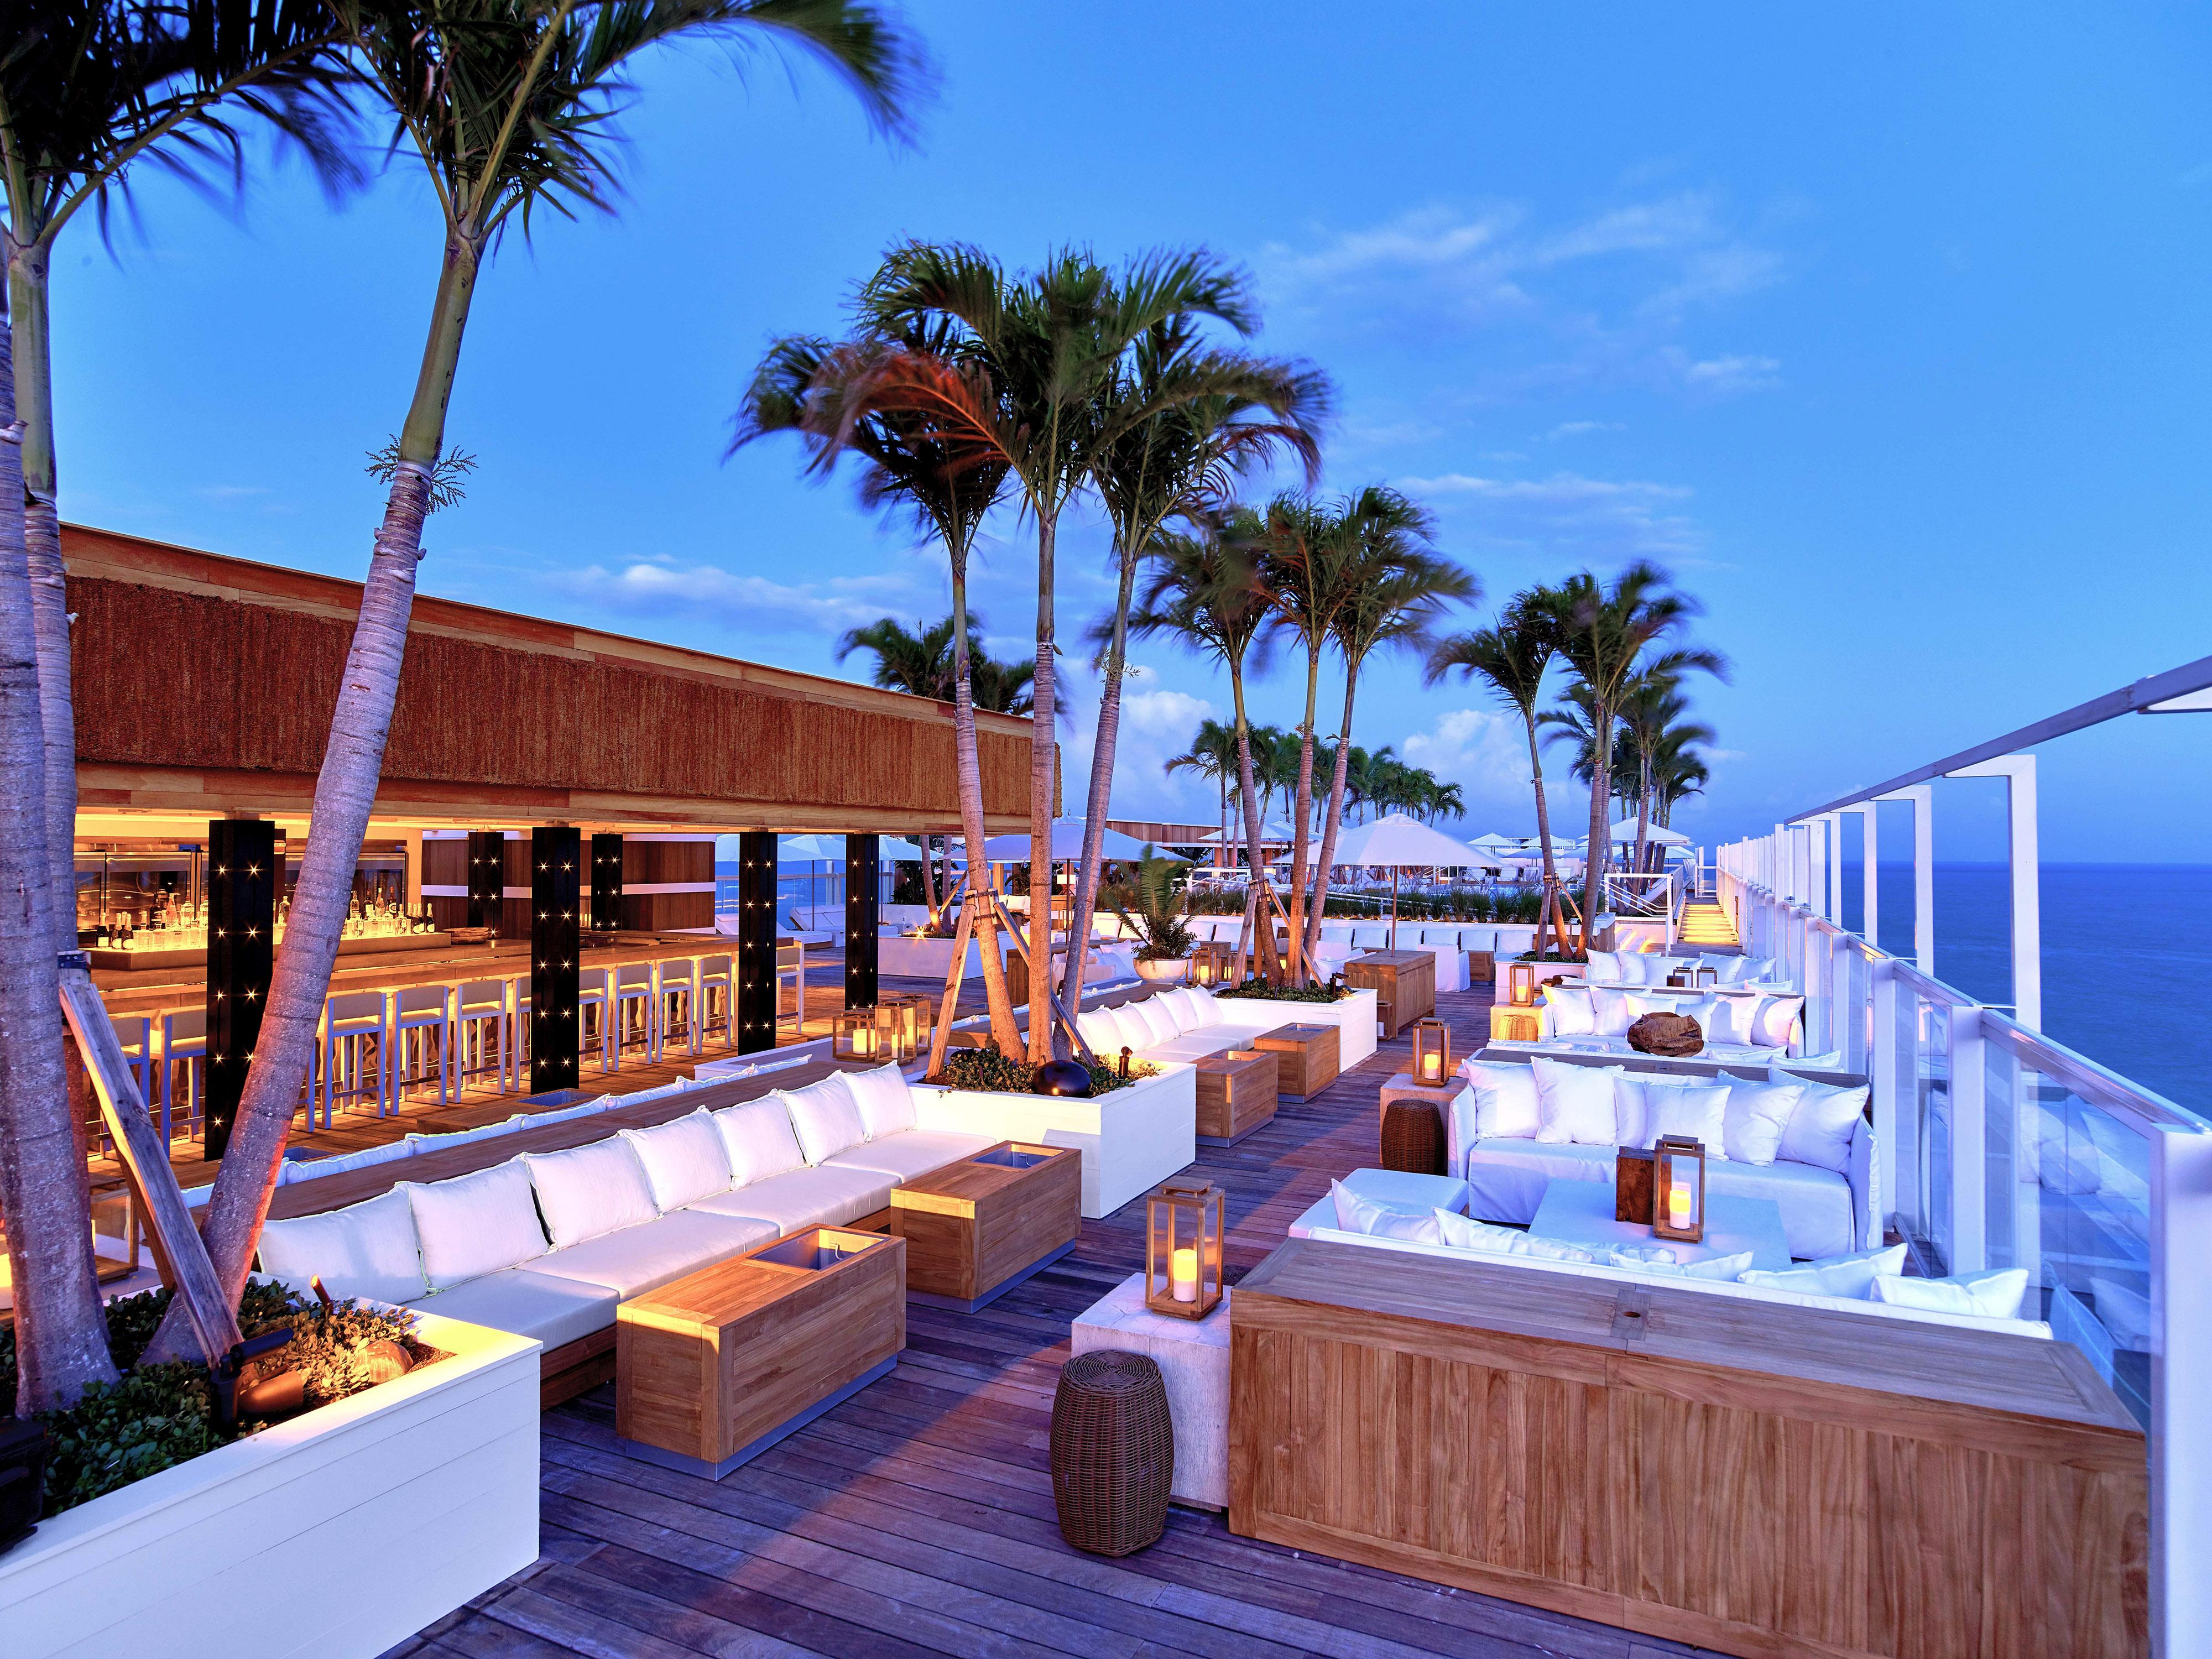 city meets beach hotel 1 hotel south beach bar seating